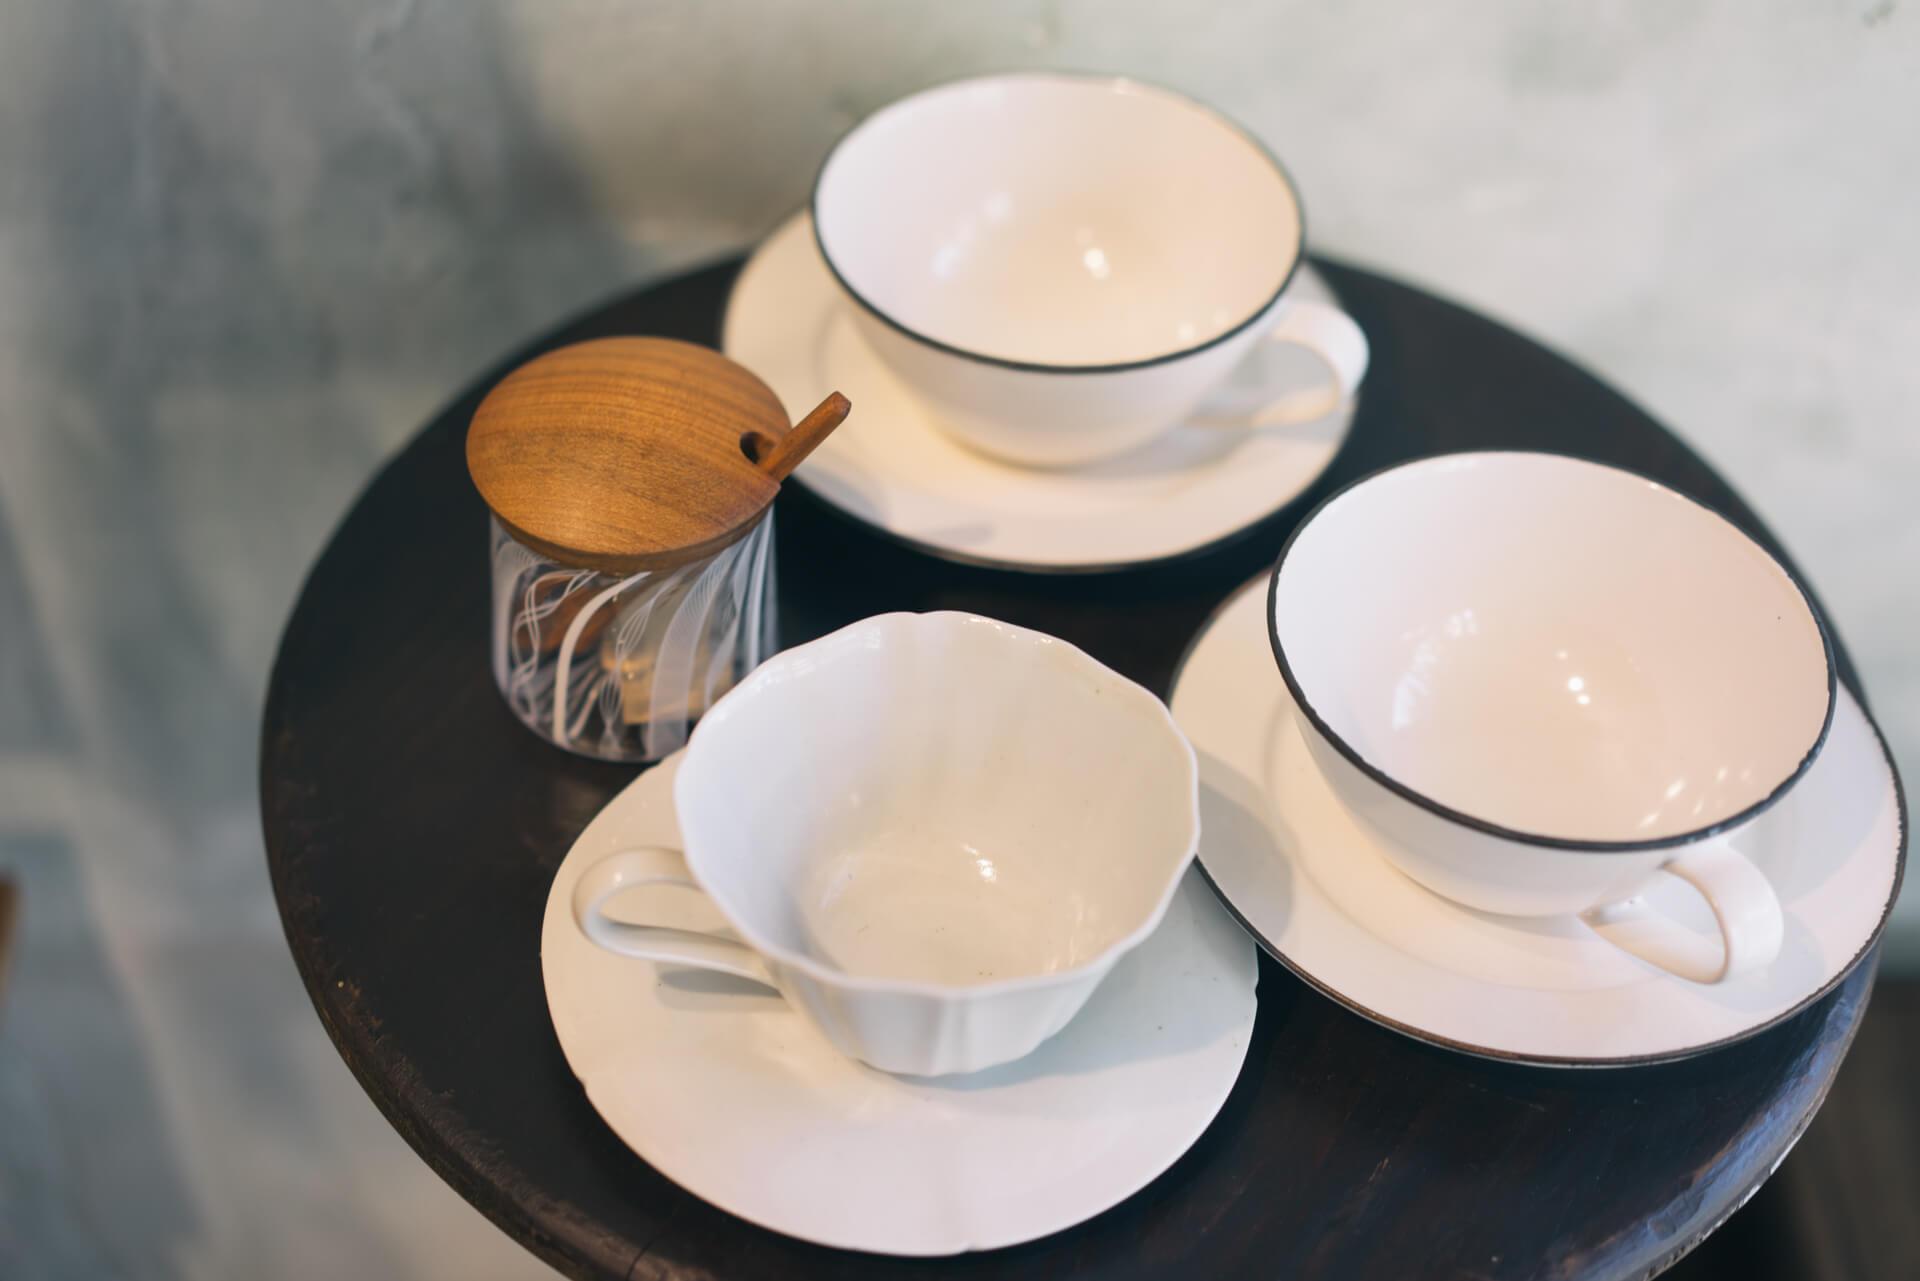 こちらは、大井寛史(おおいひろし)さんのコーヒーカップ。洋食器も多く扱います。